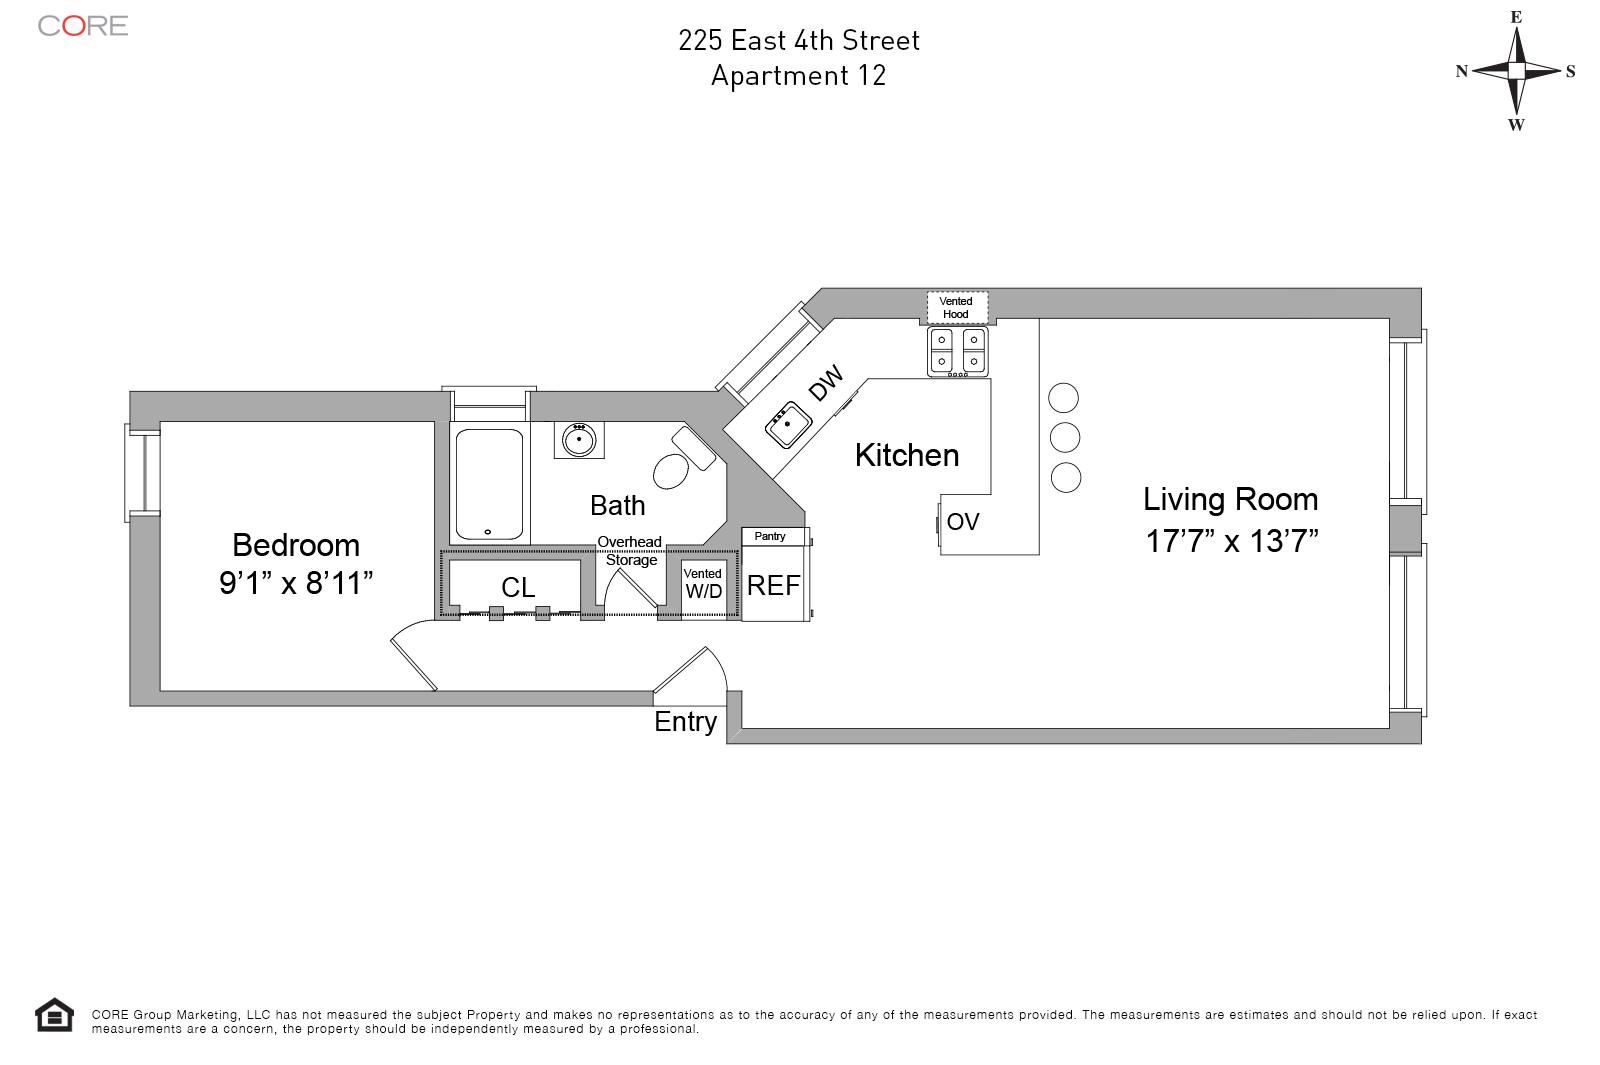 225 East 4th St. 12, New York, NY 10009